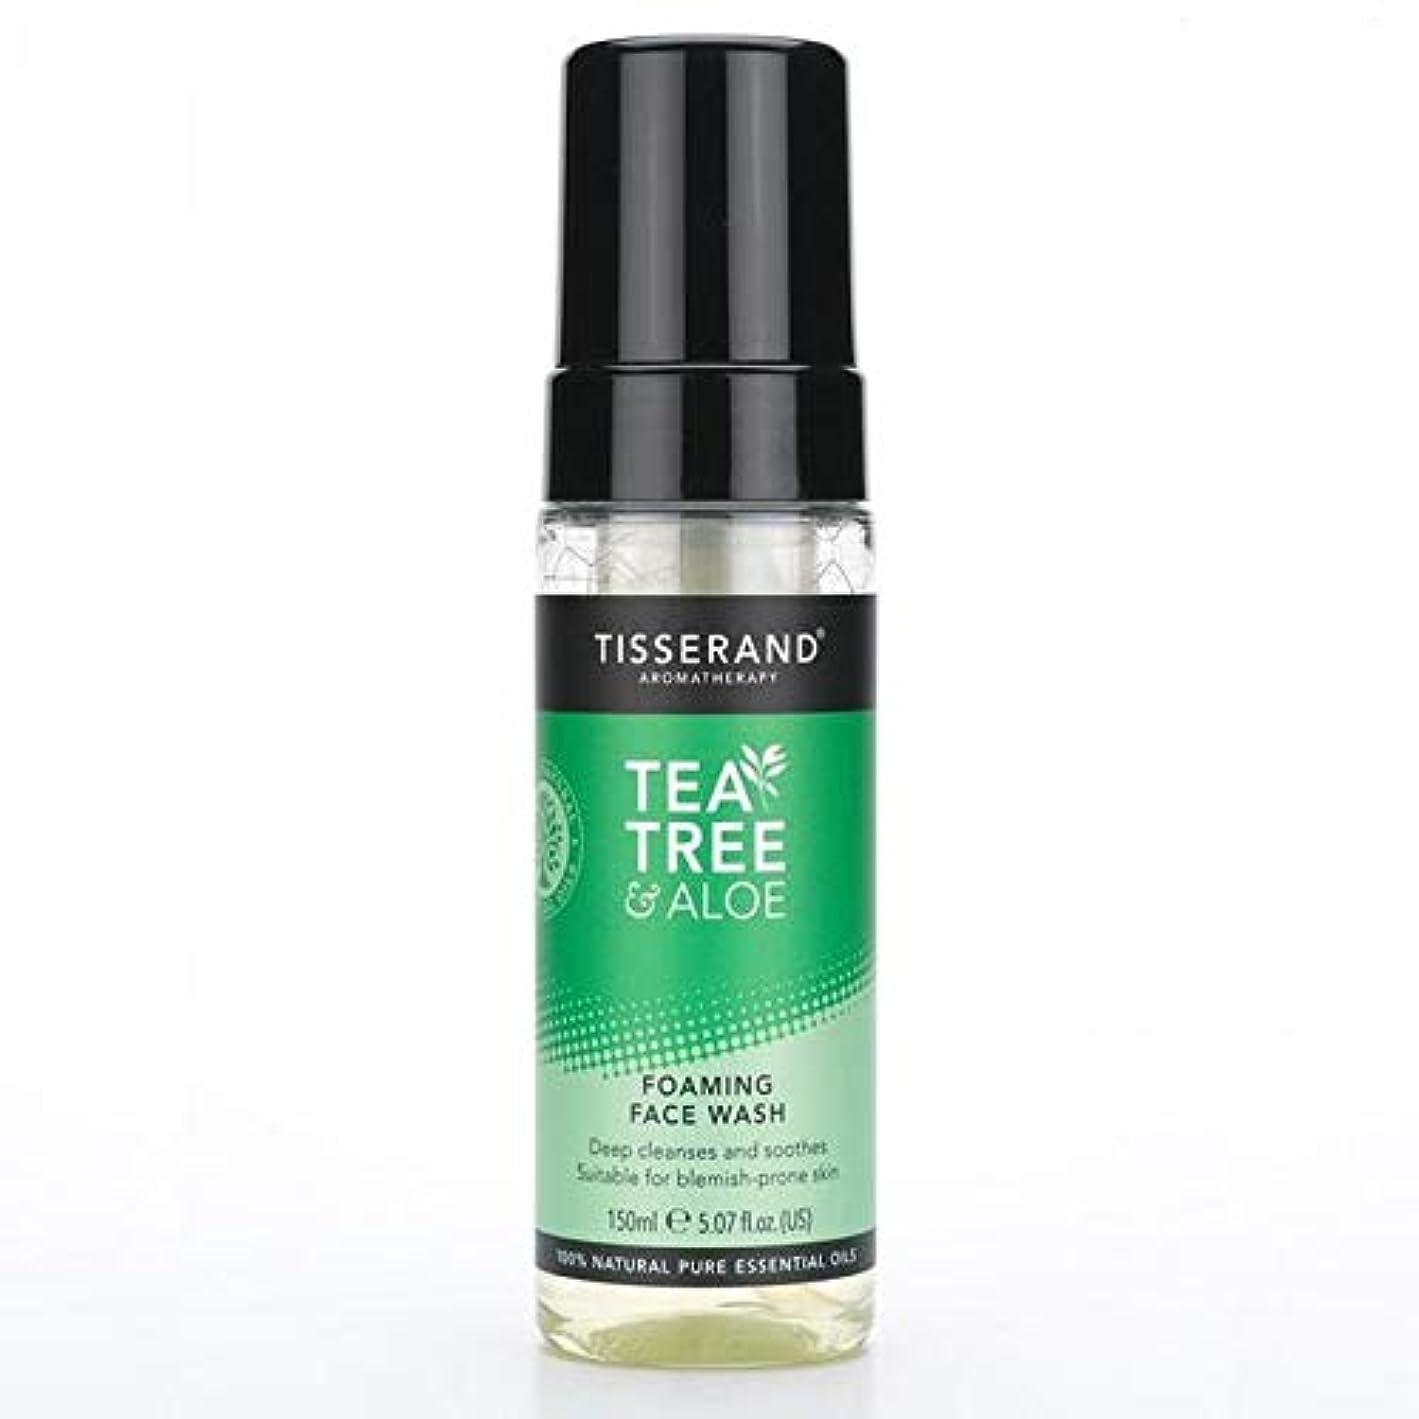 敏感な恐ろしい習熟度[Tisserand] 洗顔料の150ミリリットルを発泡ティスランドティーツリー&アロエ - Tisserand Tea Tree & Aloe Foaming Face Wash 150ml [並行輸入品]